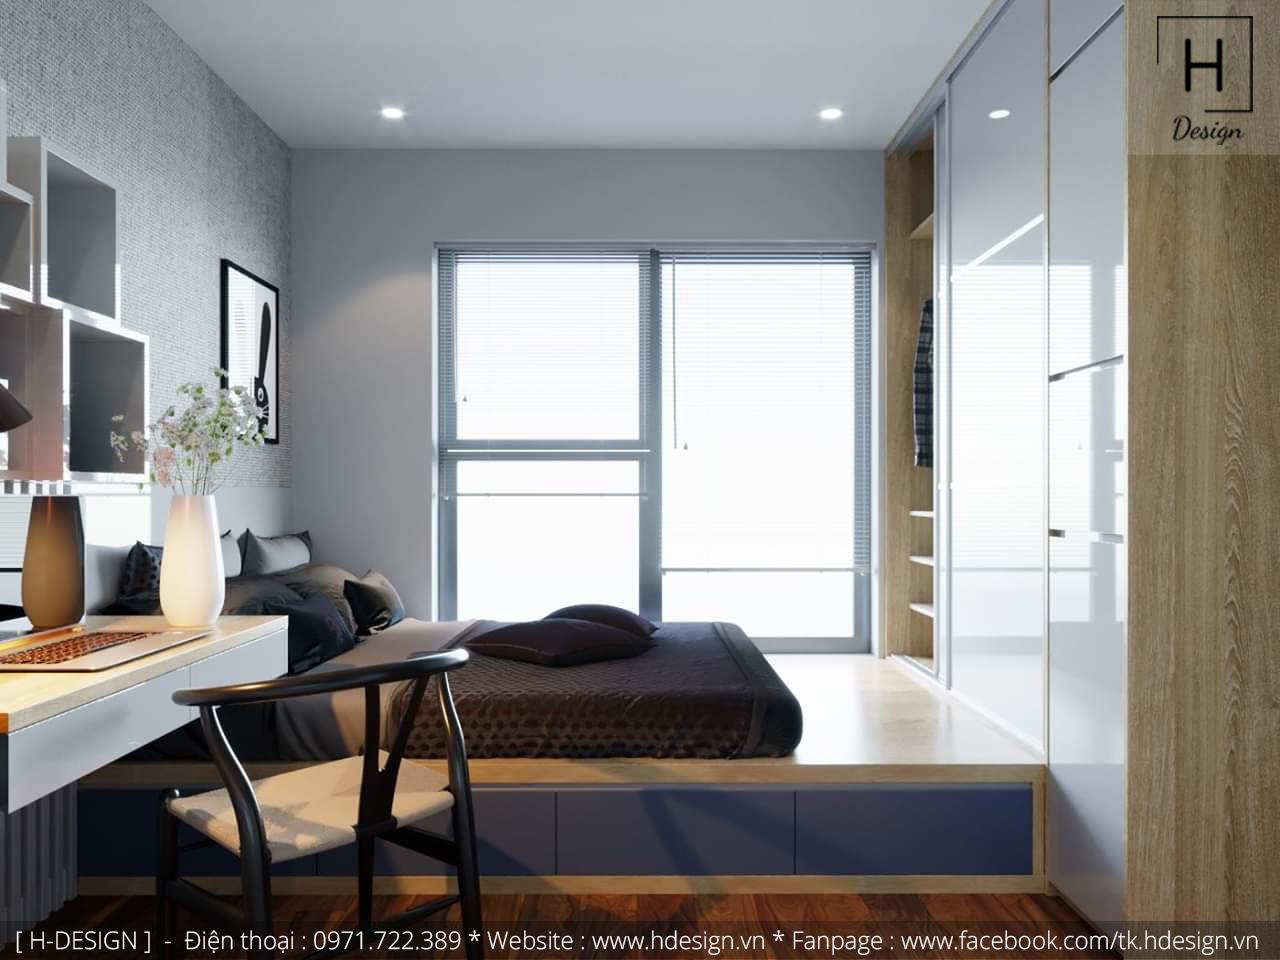 Thiết kế thi công nội thất phòng ngủ căn hộ chung cư 2 phòng ngủ đẹp  2